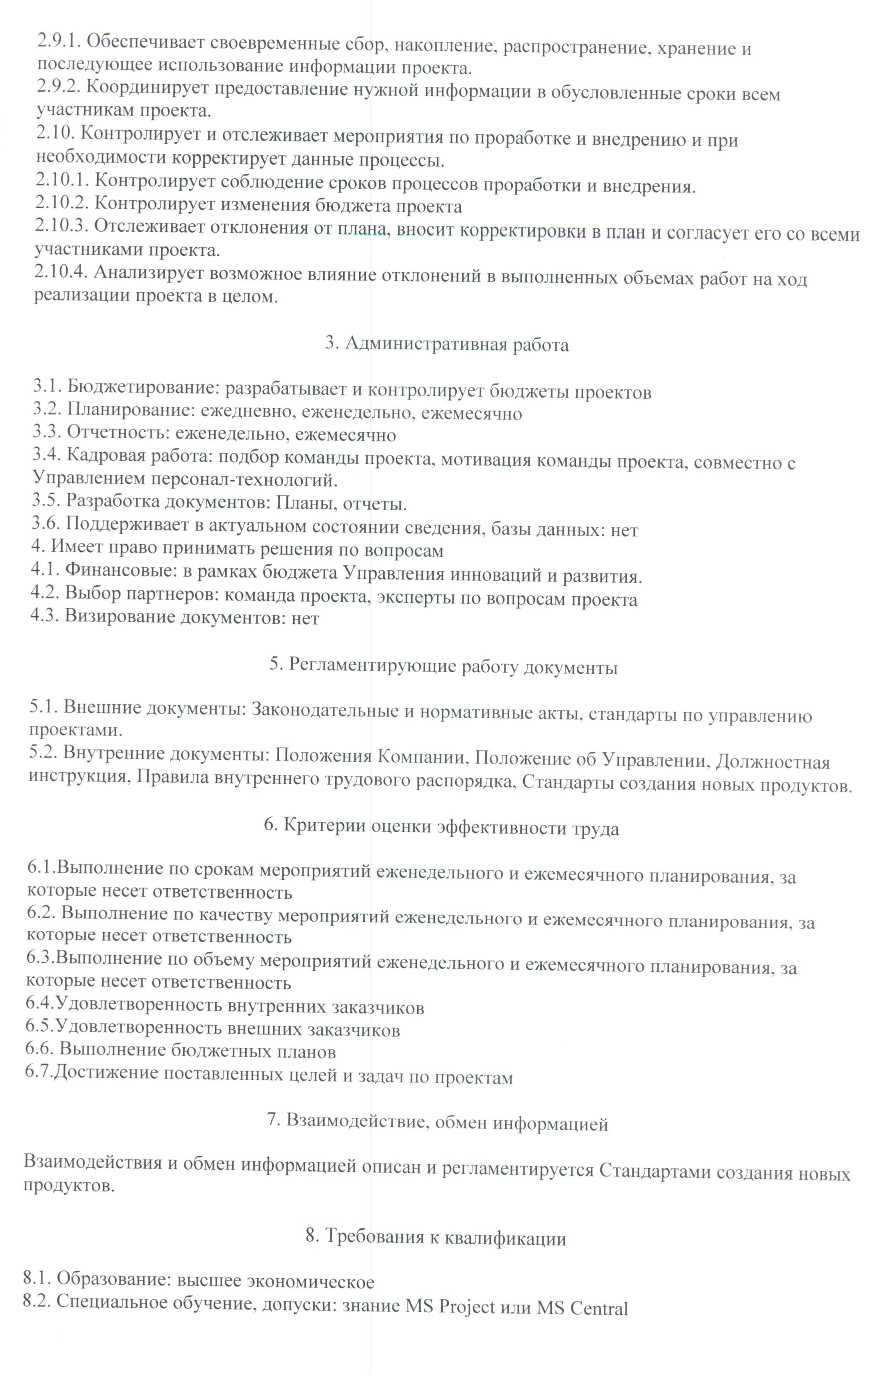 Должностная инструкция руководителя проекта строительного